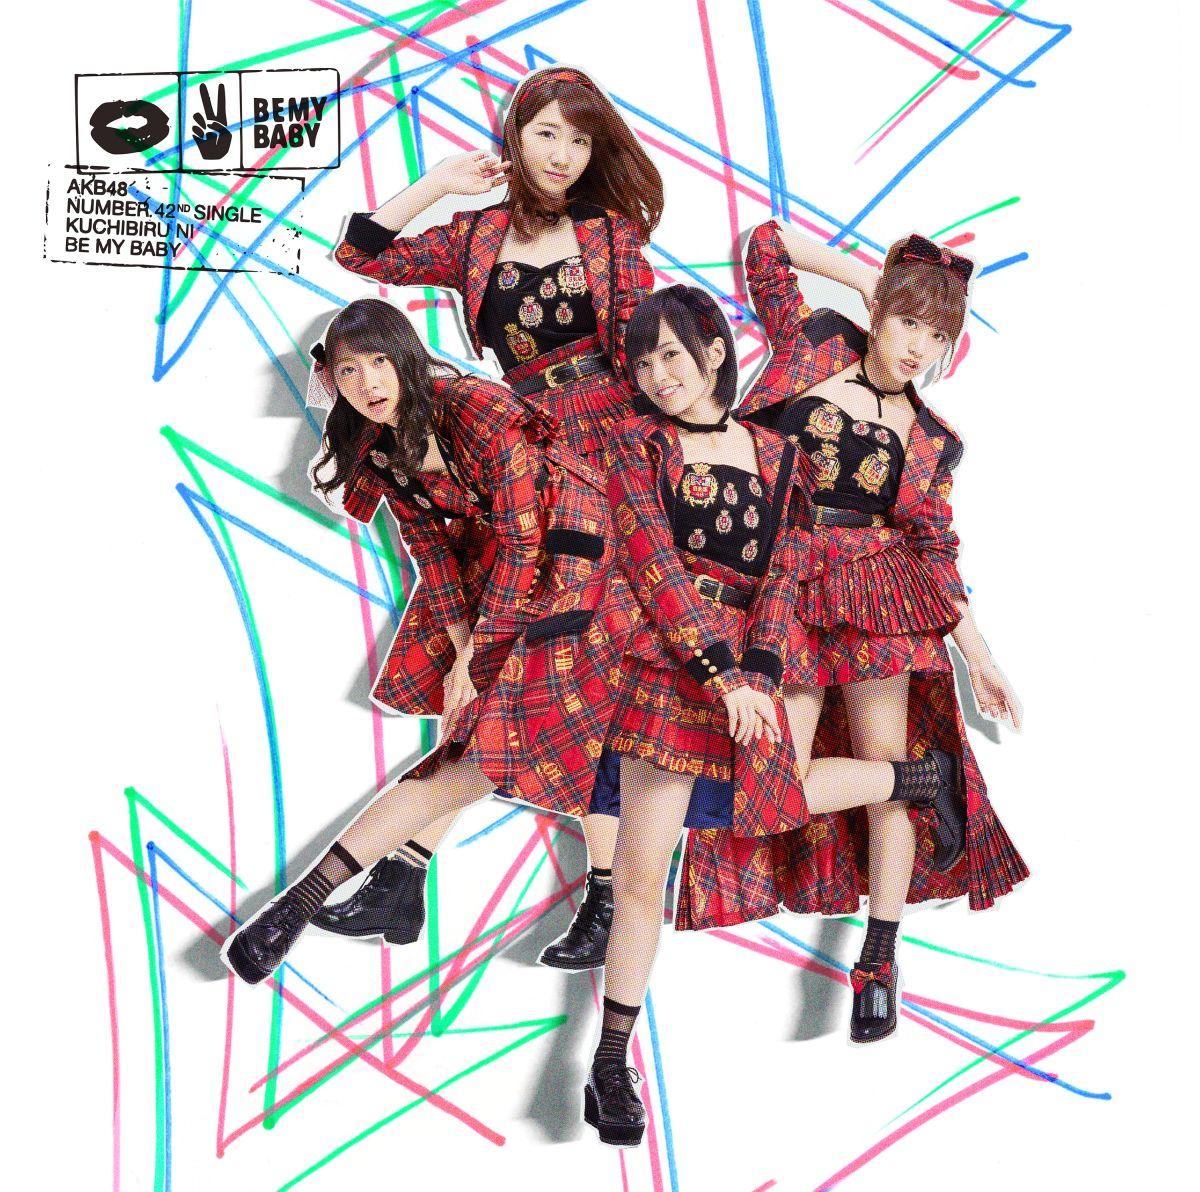 楽天ブックス 唇にbe my baby 初回限定盤 cd dvd type d akb48